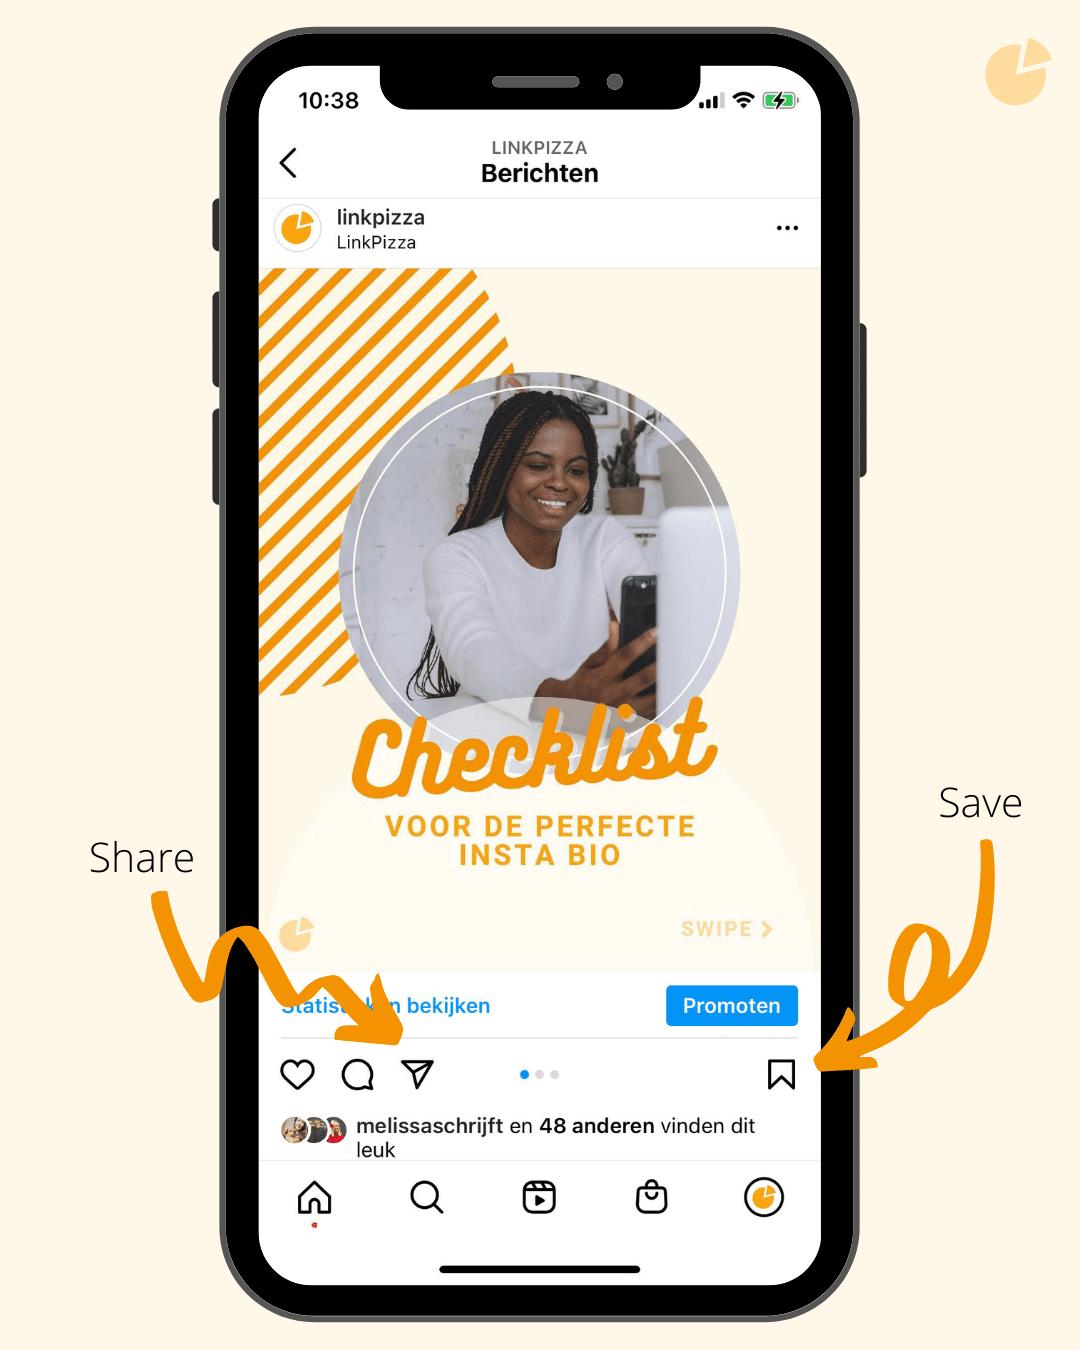 Share en save voorbeeld Instagram